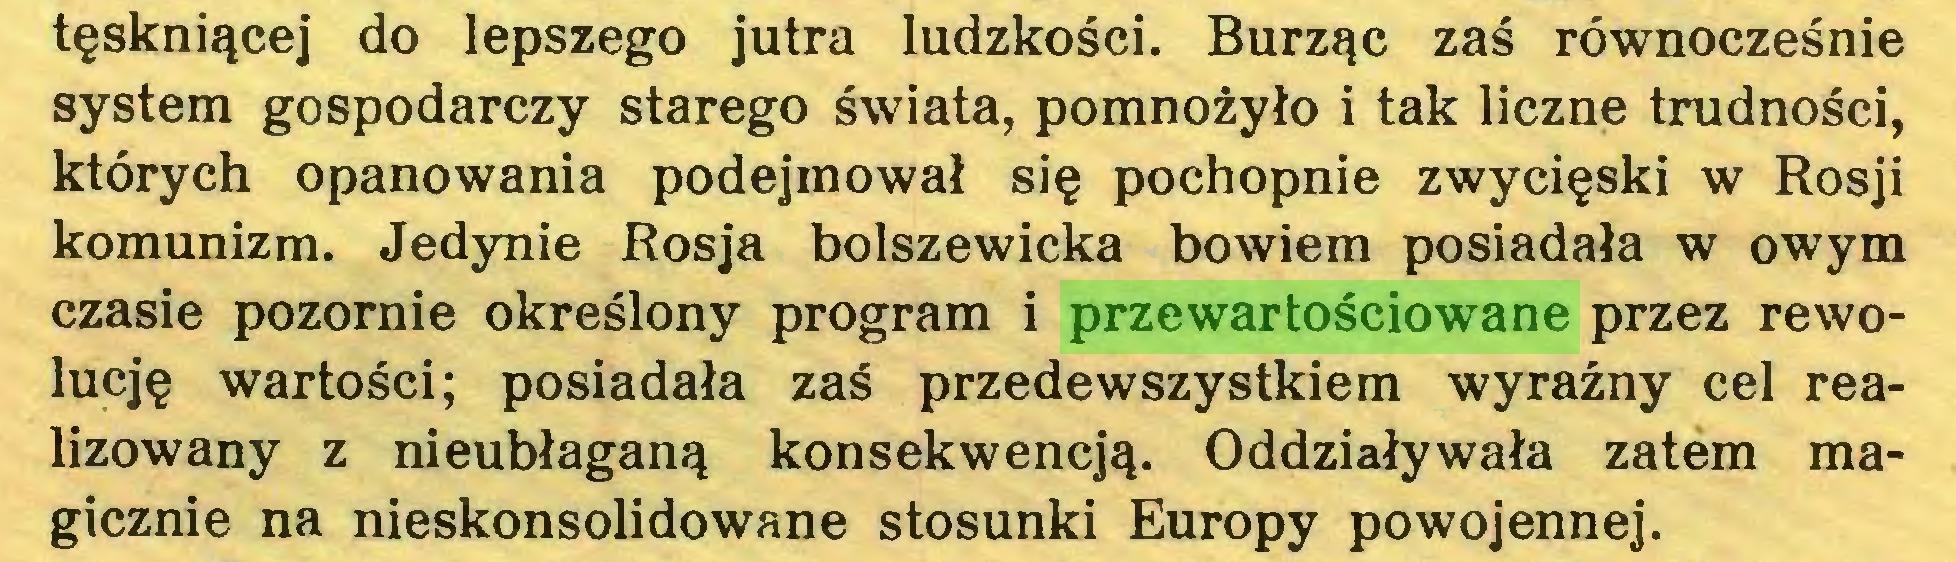 (...) tęskniącej do lepszego jutra ludzkości. Burząc zaś równocześnie system gospodarczy starego świata, pomnożyło i tak liczne trudności, których opanowania podejmował się pochopnie zwycięski w Rosji komunizm. Jedynie Rosja bolszewicka bowiem posiadała w owym czasie pozornie określony program i przewartościowane przez rewolucję wartości; posiadała zaś przedewszystkiem wyraźny cel realizowany z nieubłaganą konsekwencją. Oddziaływała zatem magicznie na nieskonsolidowane stosunki Europy powojennej...